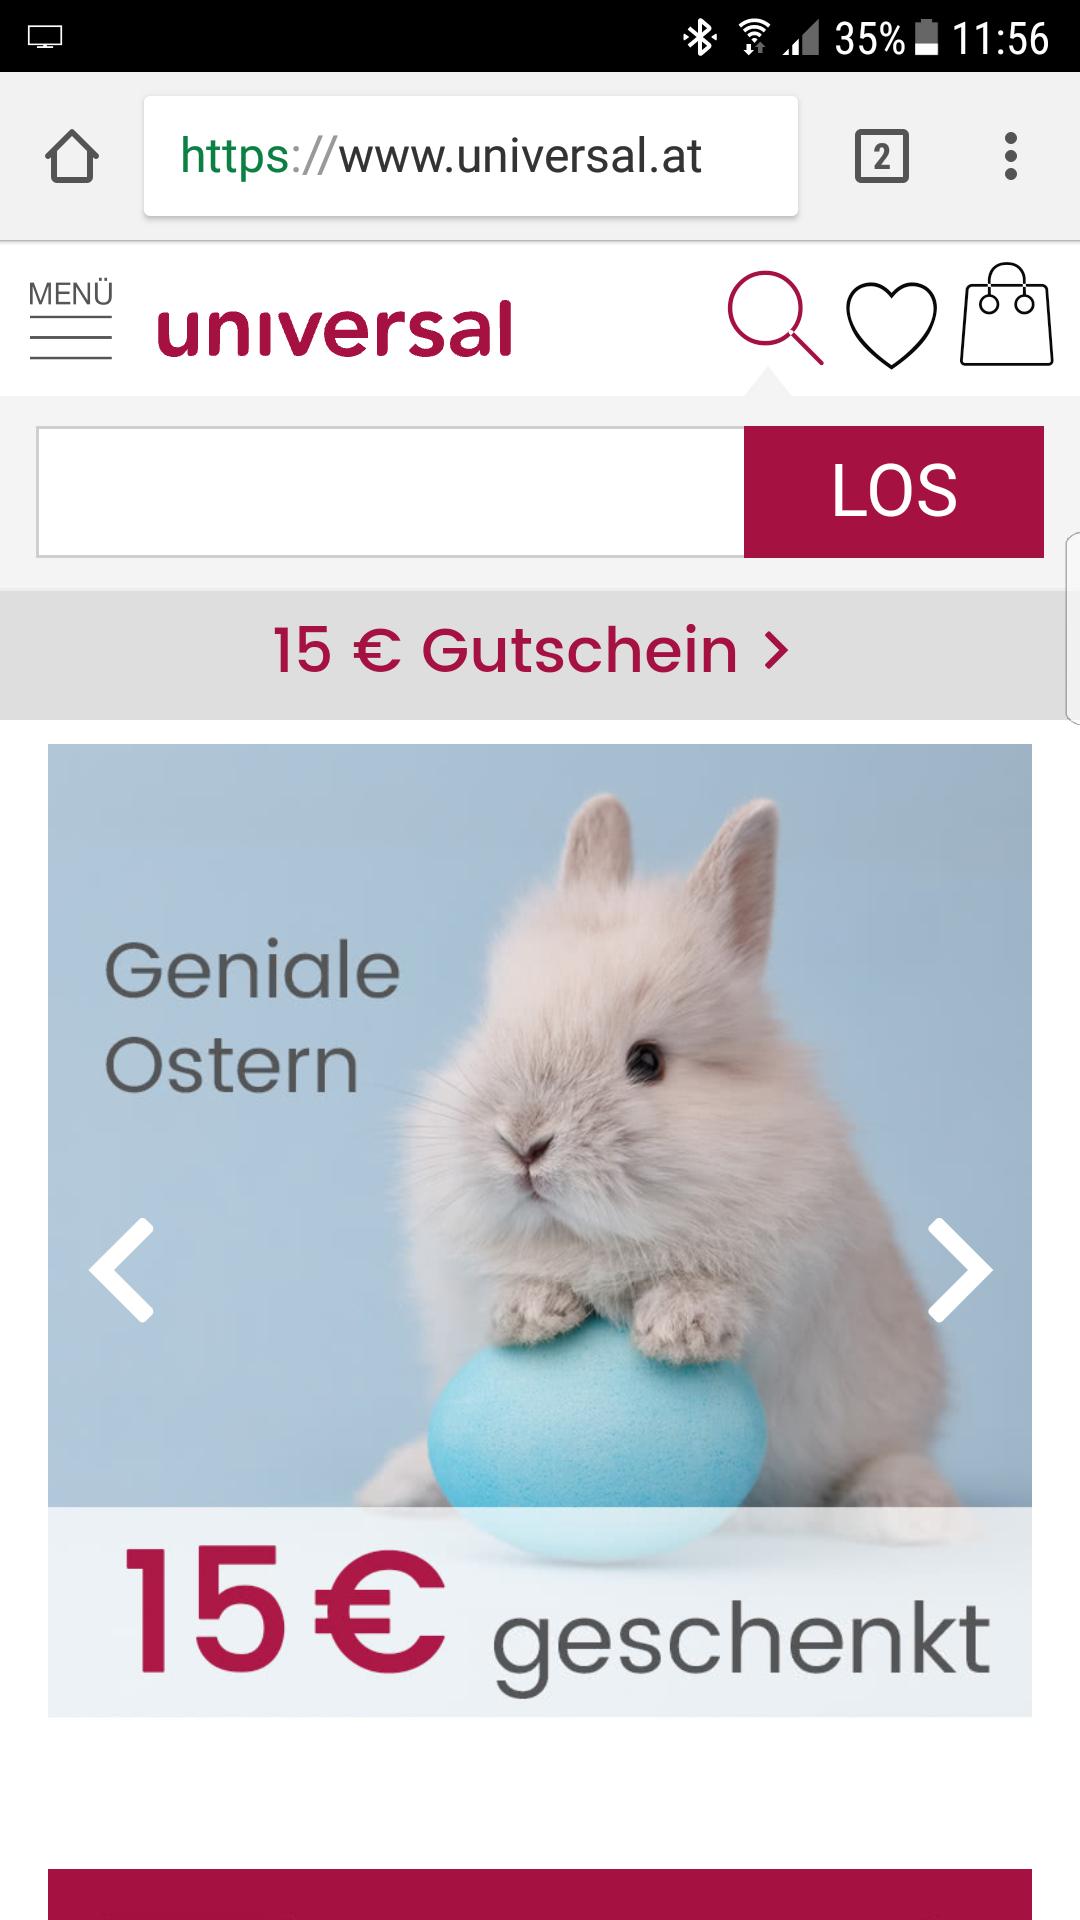 Universal - Geniale Ostern - 15€ Gutschein